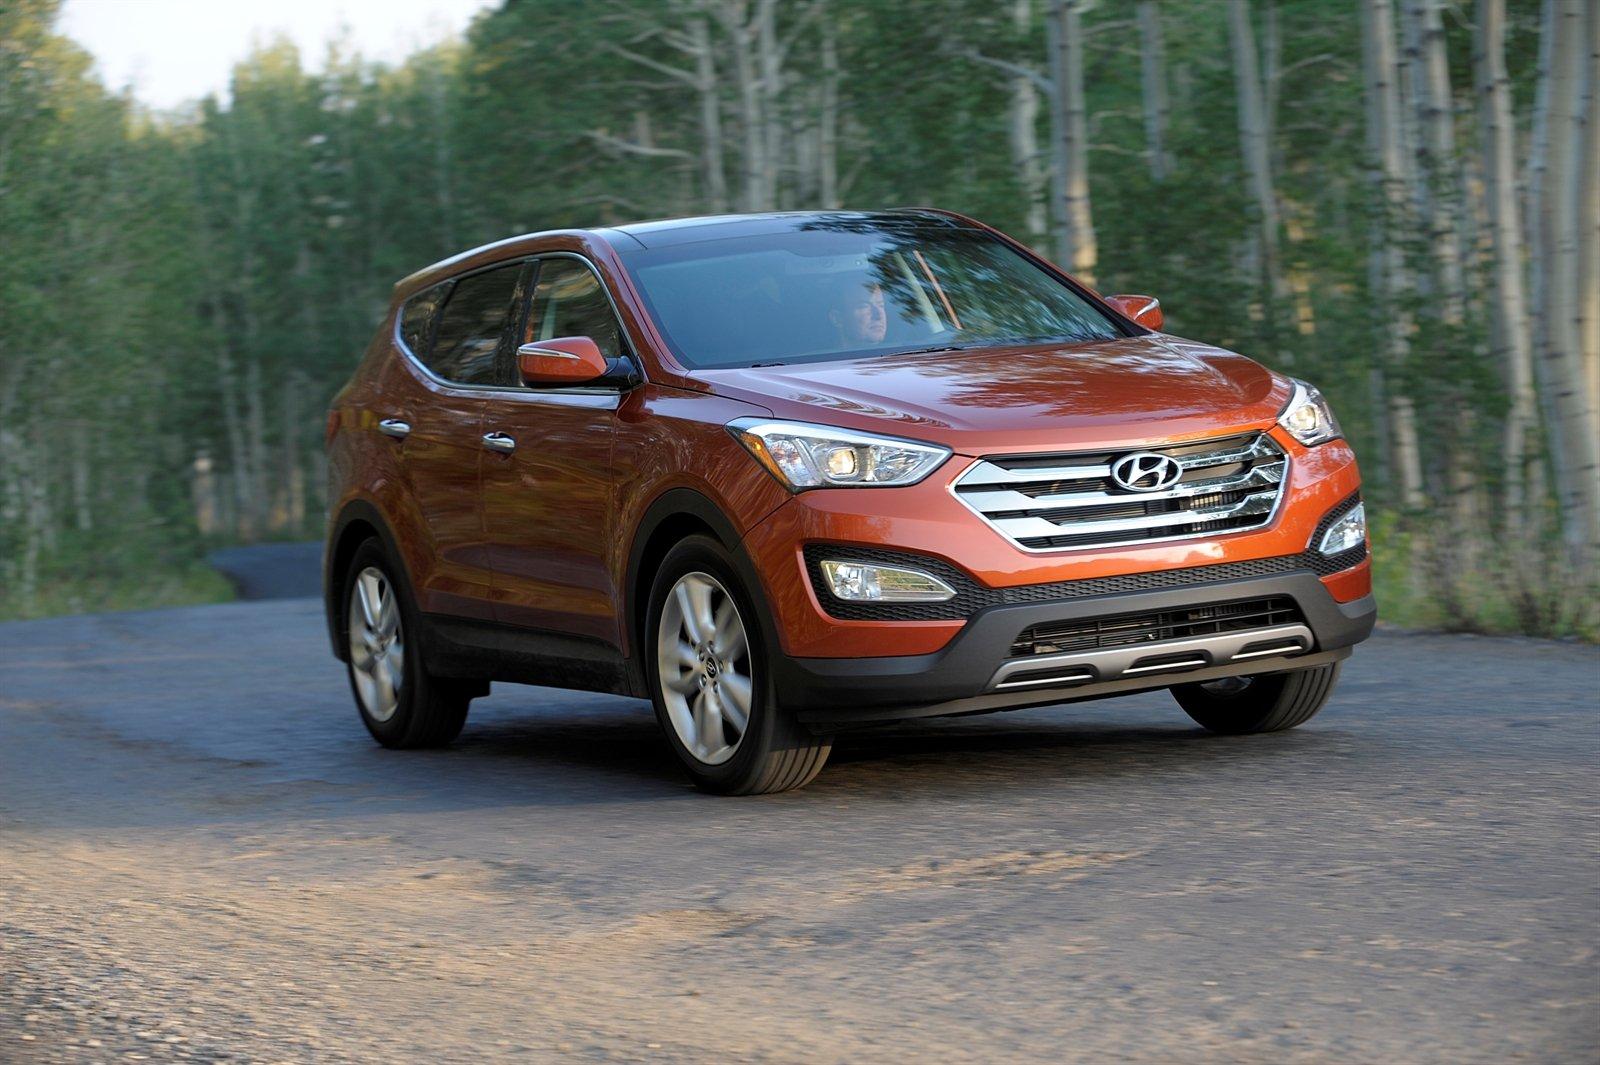 SUVs Hyundai Cars